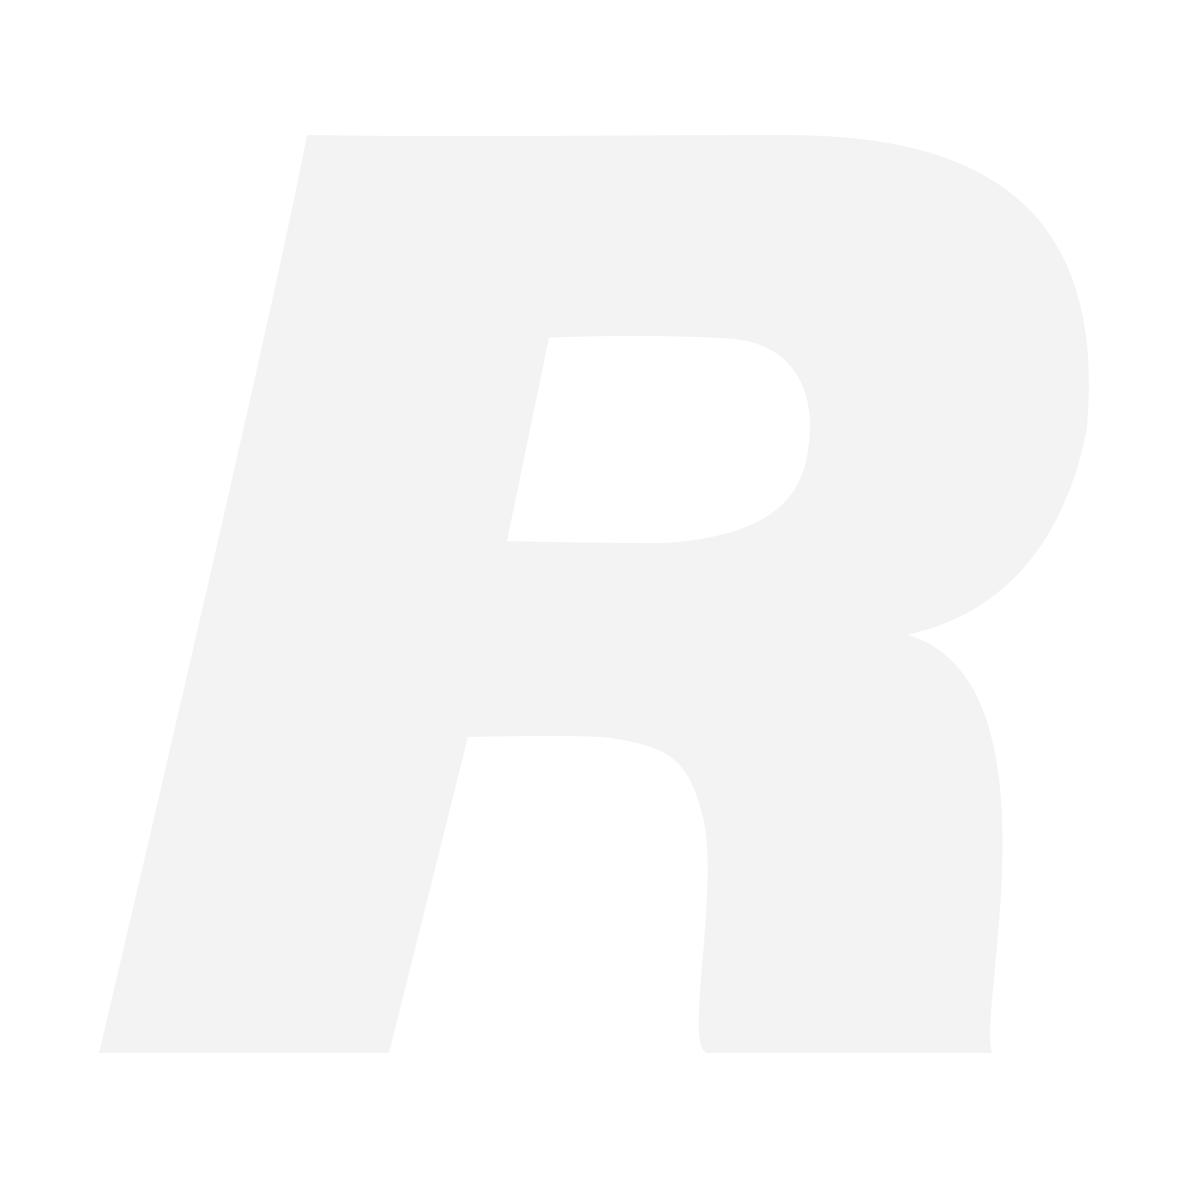 SanDisk USB 3.1 ImageMate Reader